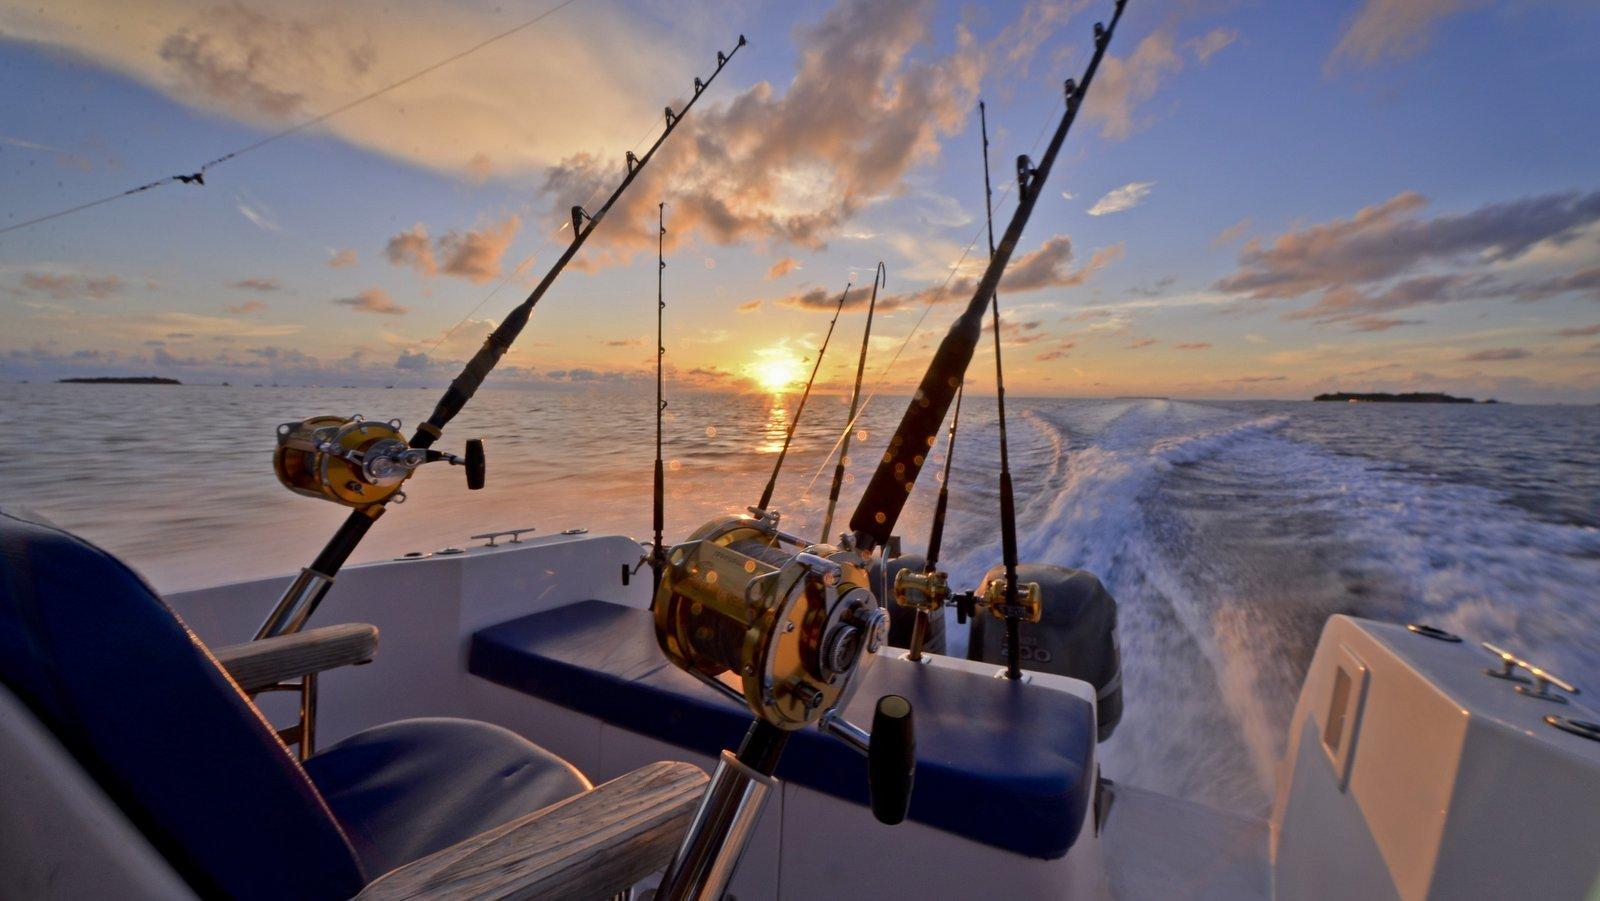 Мальдивы, отель Bandos Maldives, рыбалка